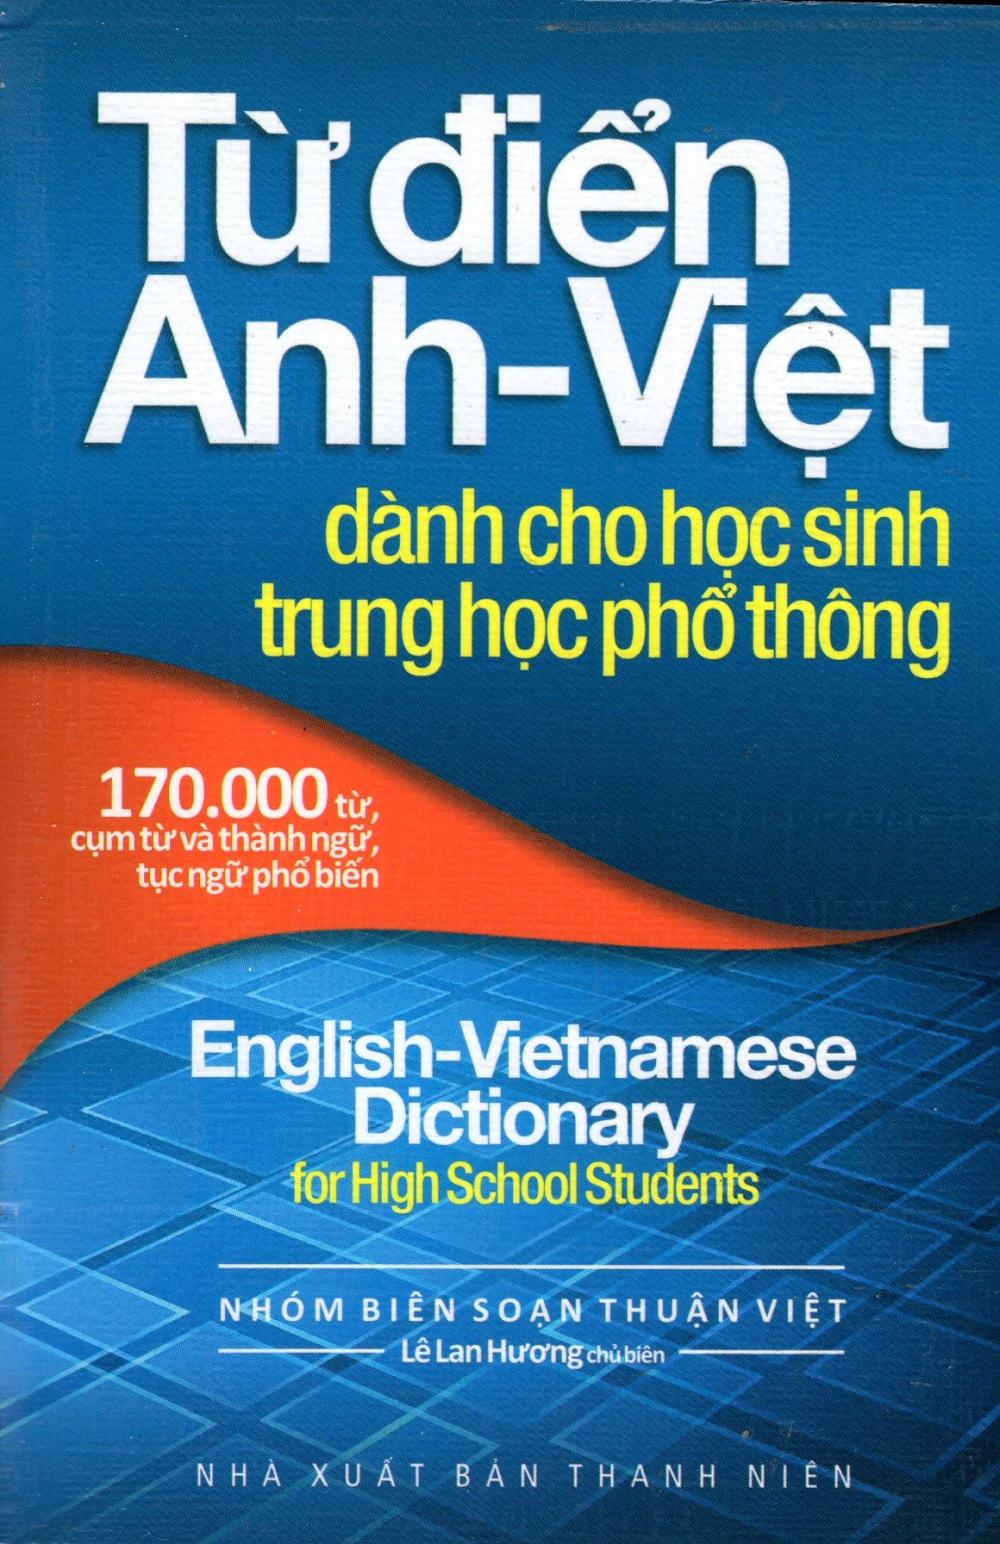 Từ Điển Anh - Việt Dành Cho Học Sinh Trung Học Phổ Thông